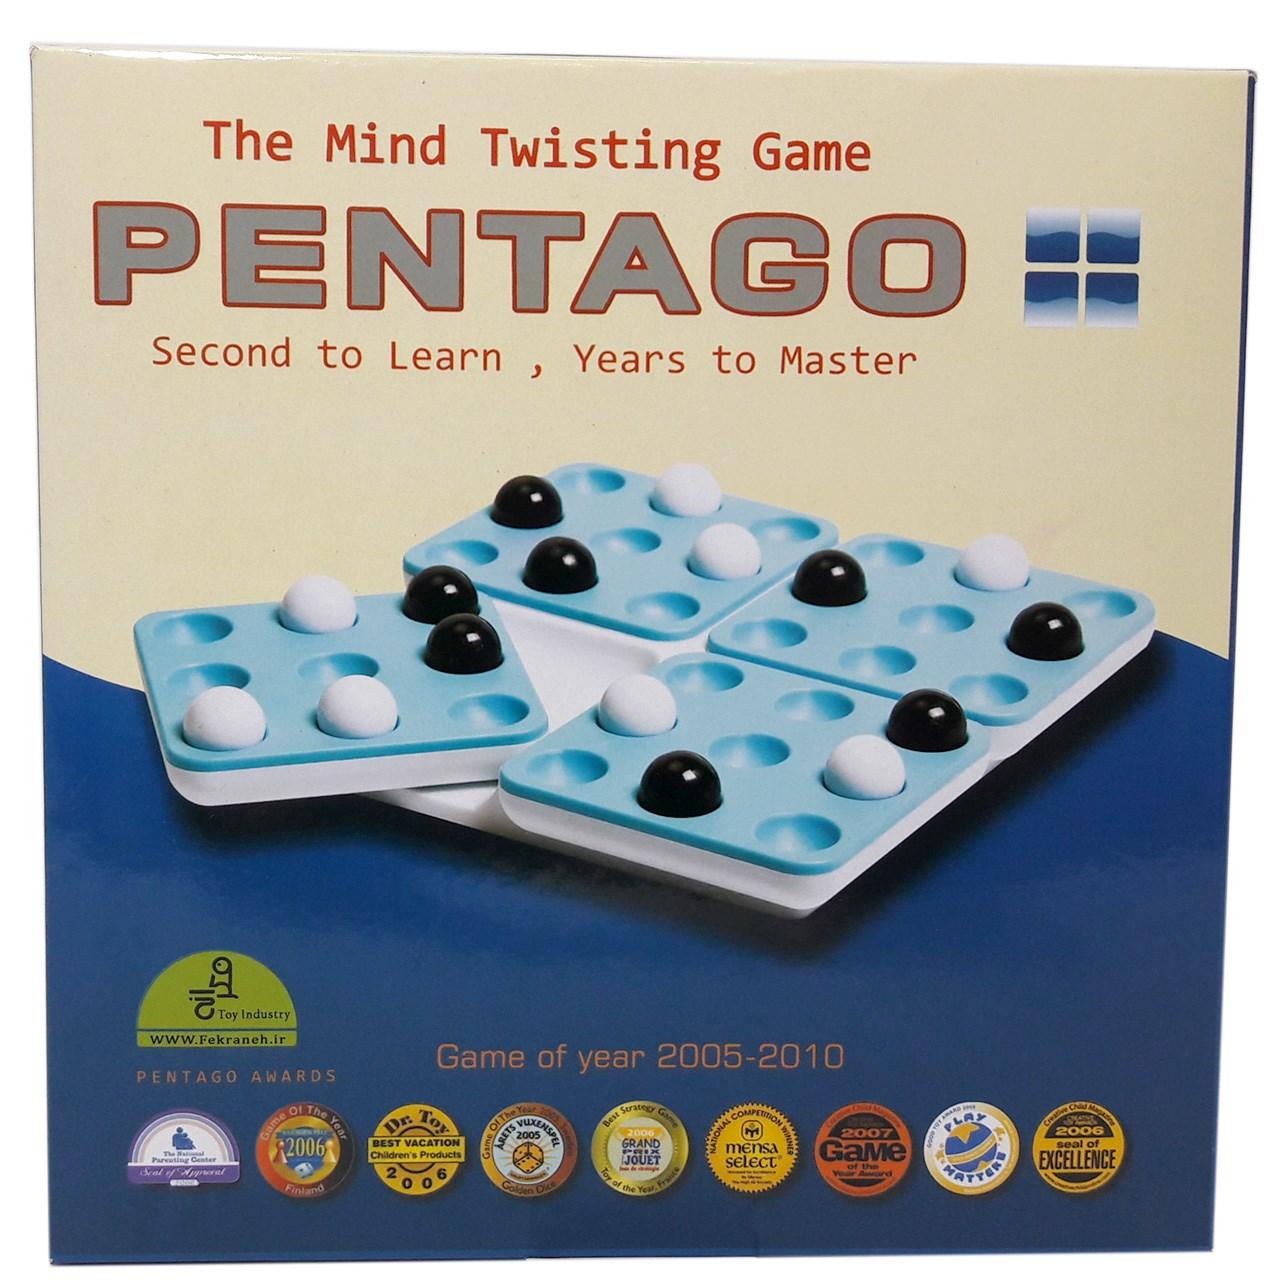 عکس بازی فکری پنتاگو فکرانه مدل Pentago